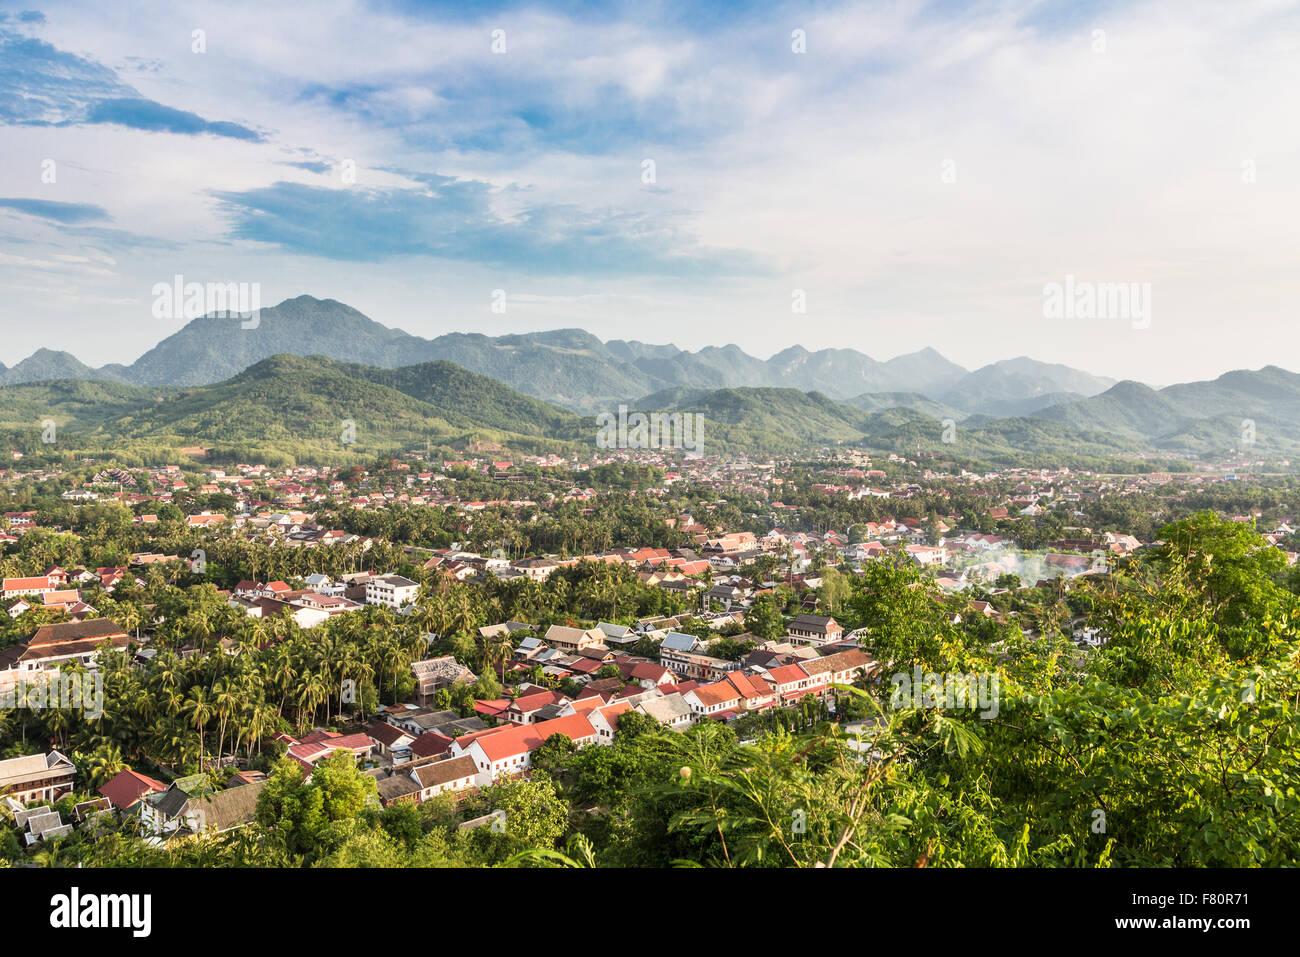 Una veduta aerea di Luang Prabang in Laos. La città si trova lungo il fiume Mekong ed è uno dei principali Immagini Stock